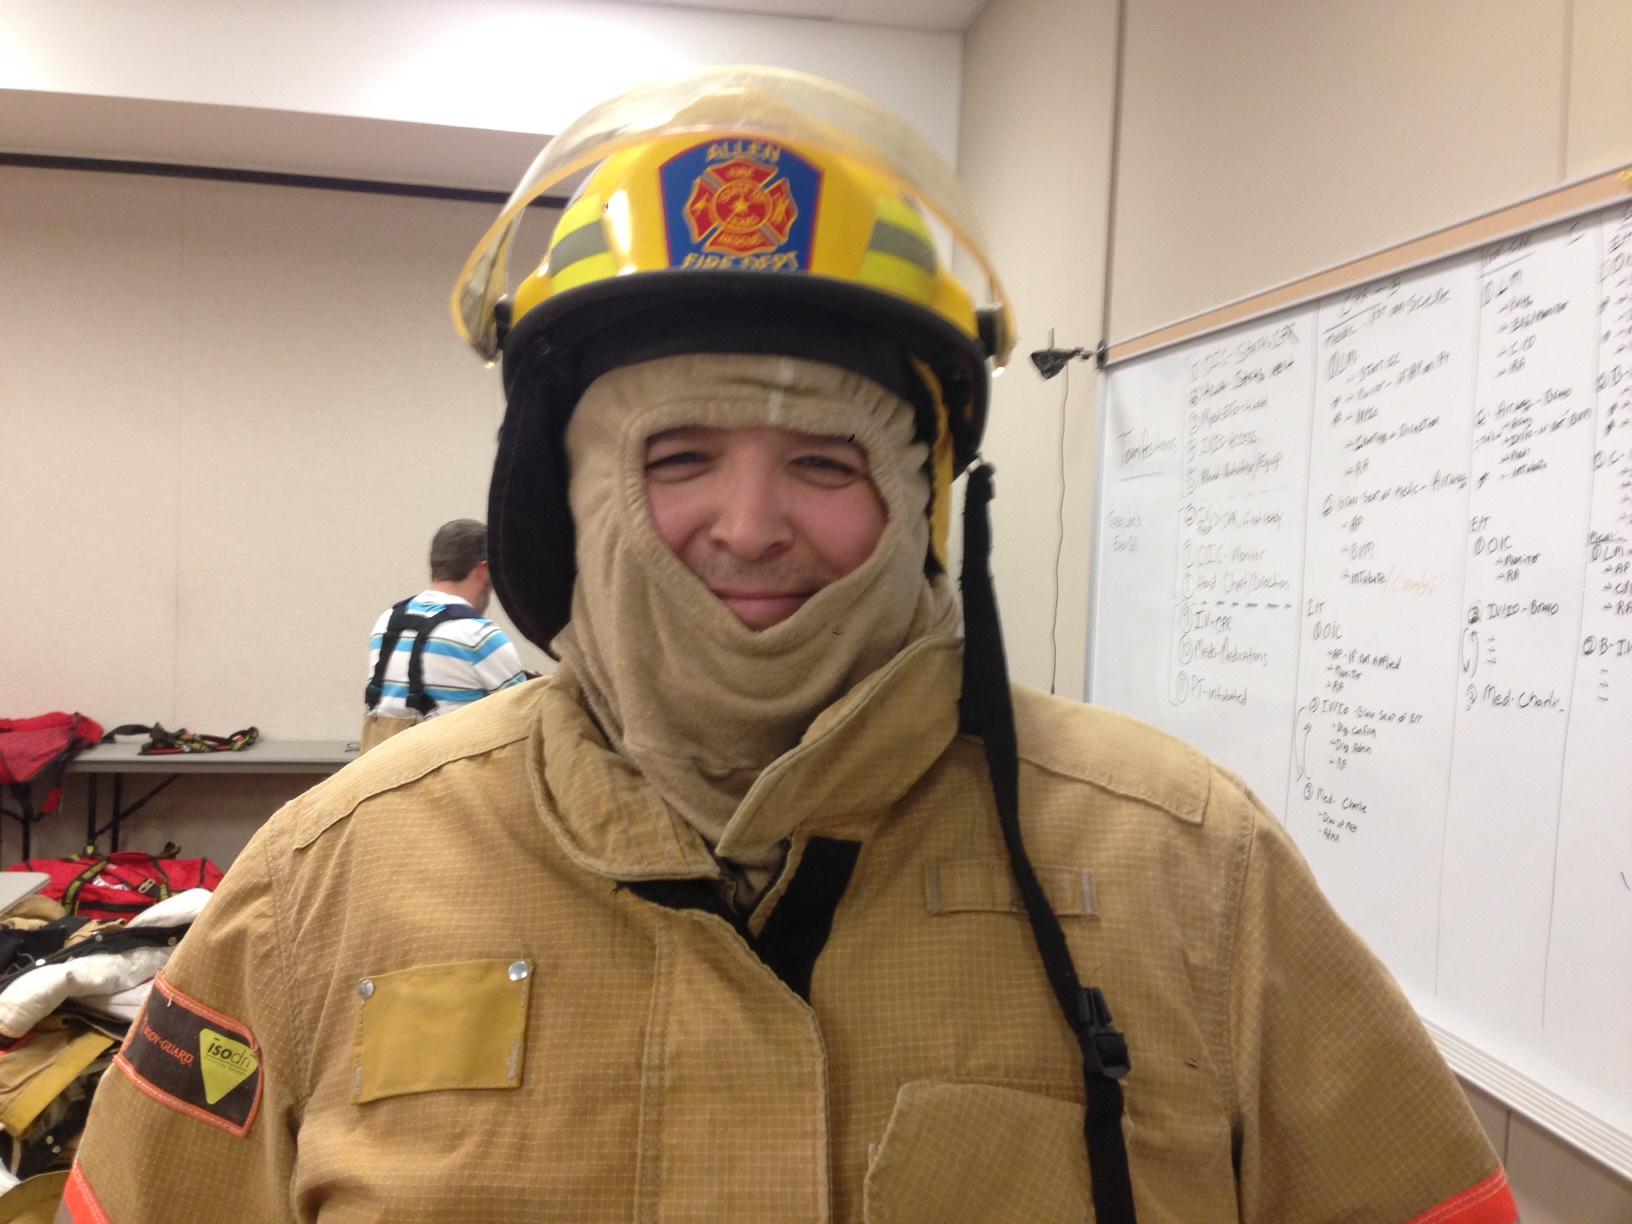 Allen Citizen's Fire Academy – Bunker Gear Night